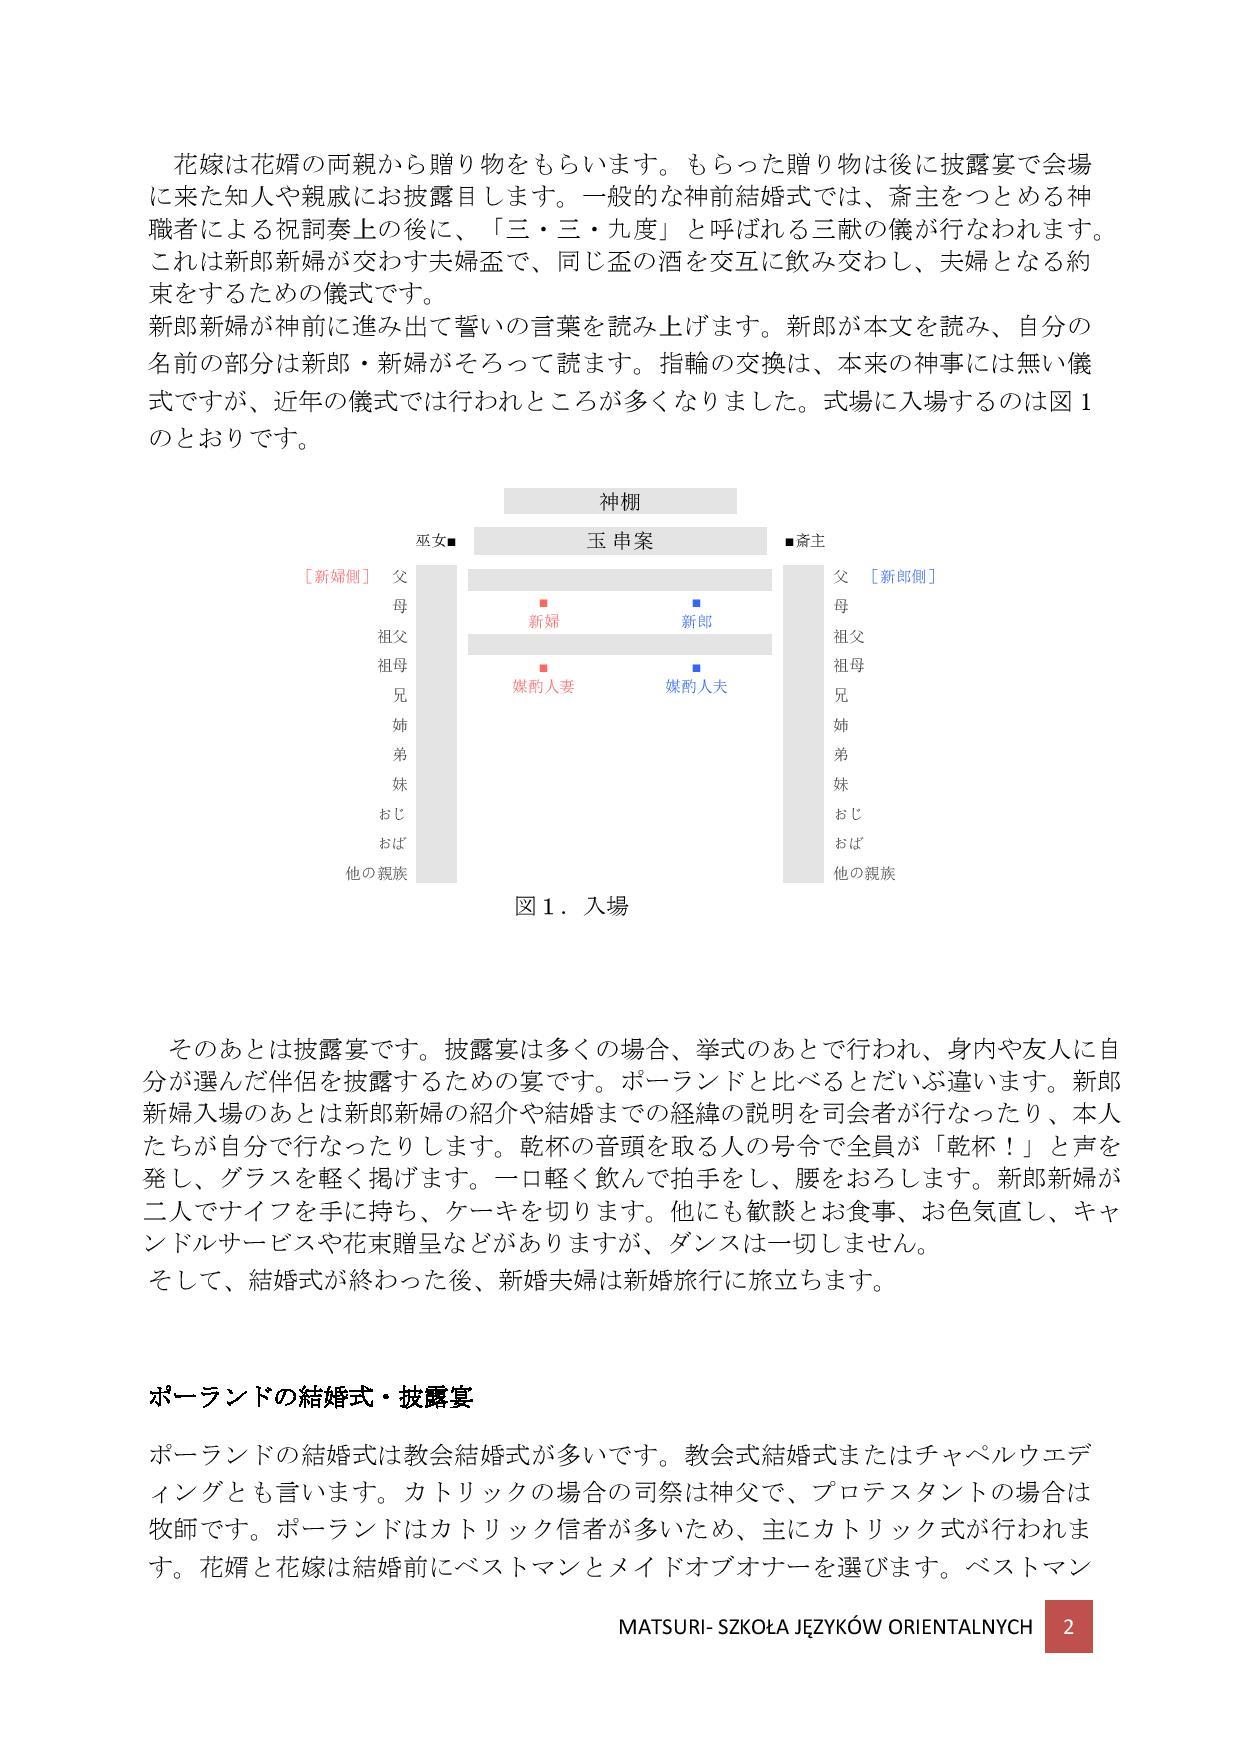 日本とポーランドの結婚式・披露宴 (POZIOM DLA ZAAWANSOWANYCH)-page-002